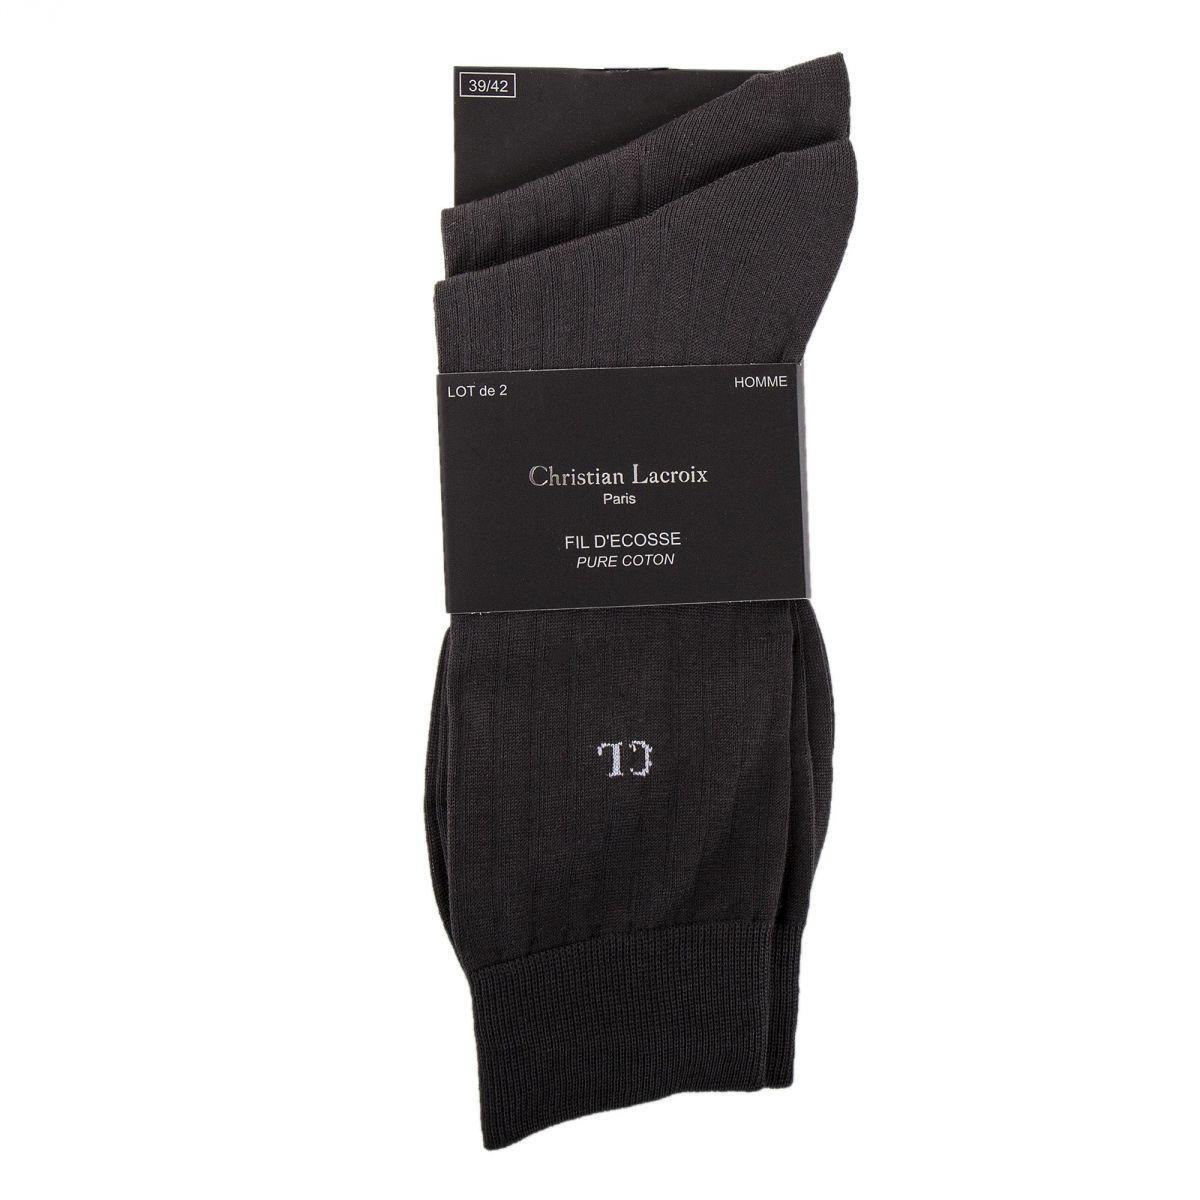 lot de 2 paires de chaussettes homme christian lacroix prix. Black Bedroom Furniture Sets. Home Design Ideas